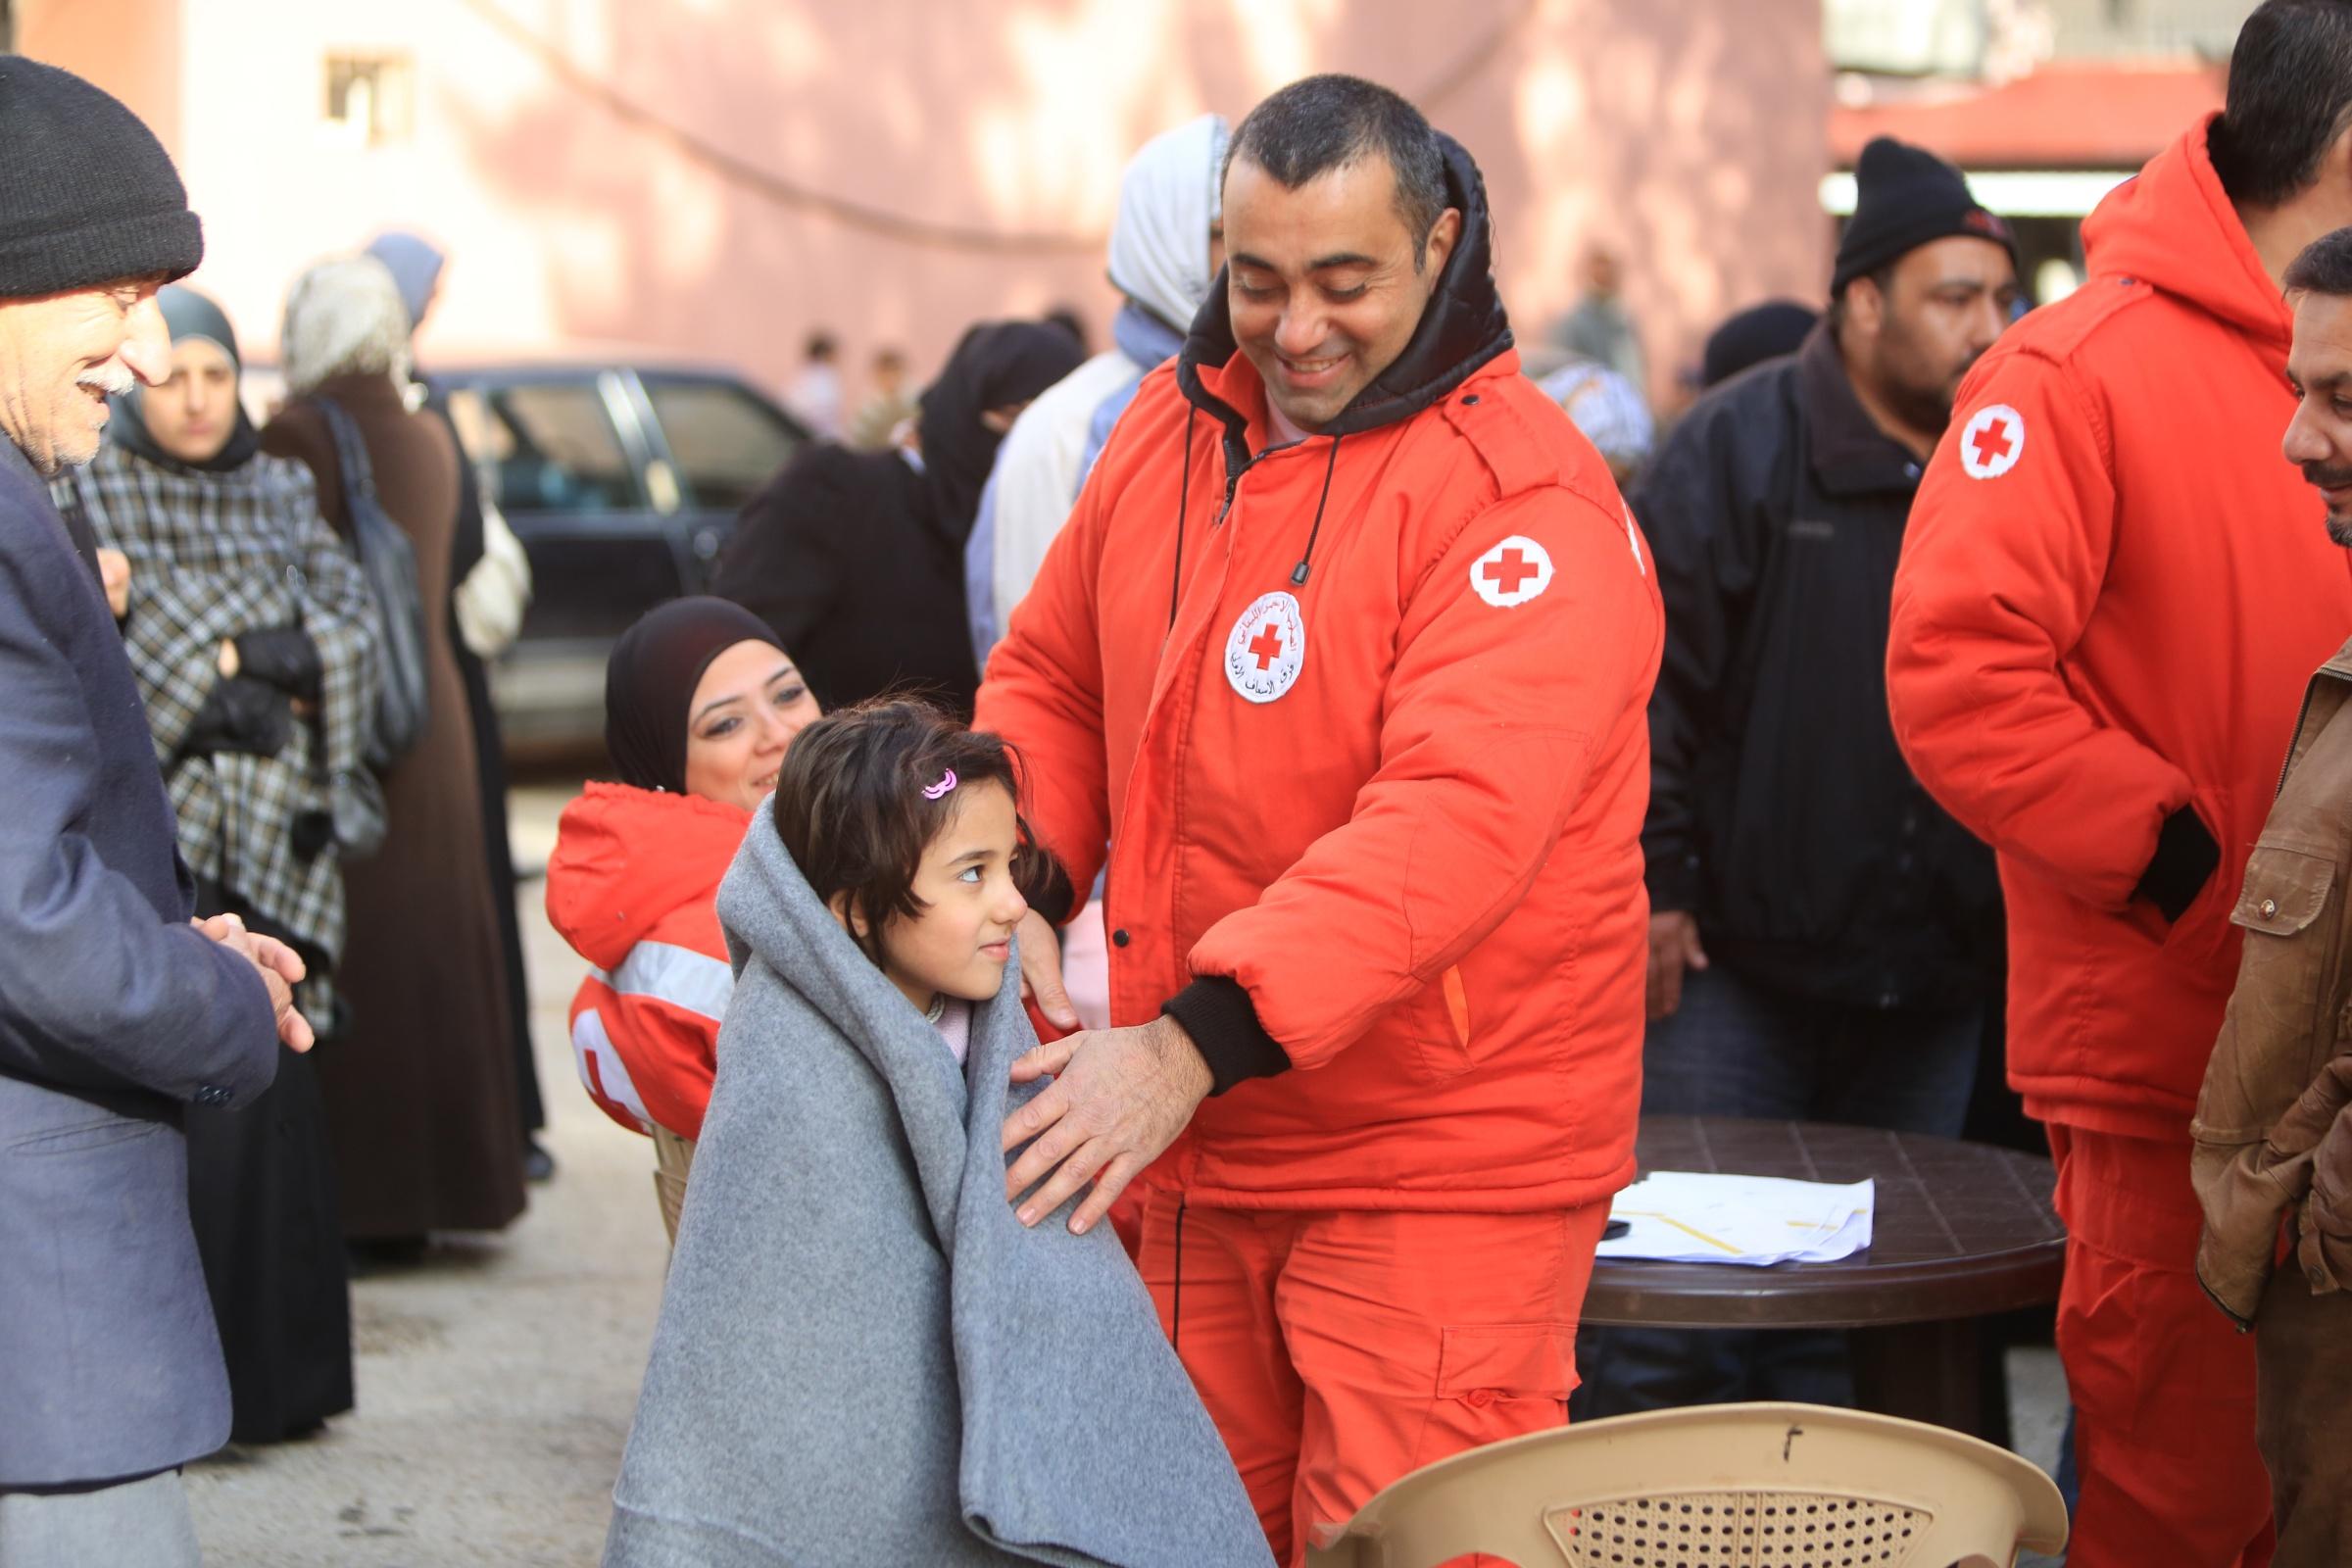 Szene aus der humanitären Hilfe mit Geflüchteten